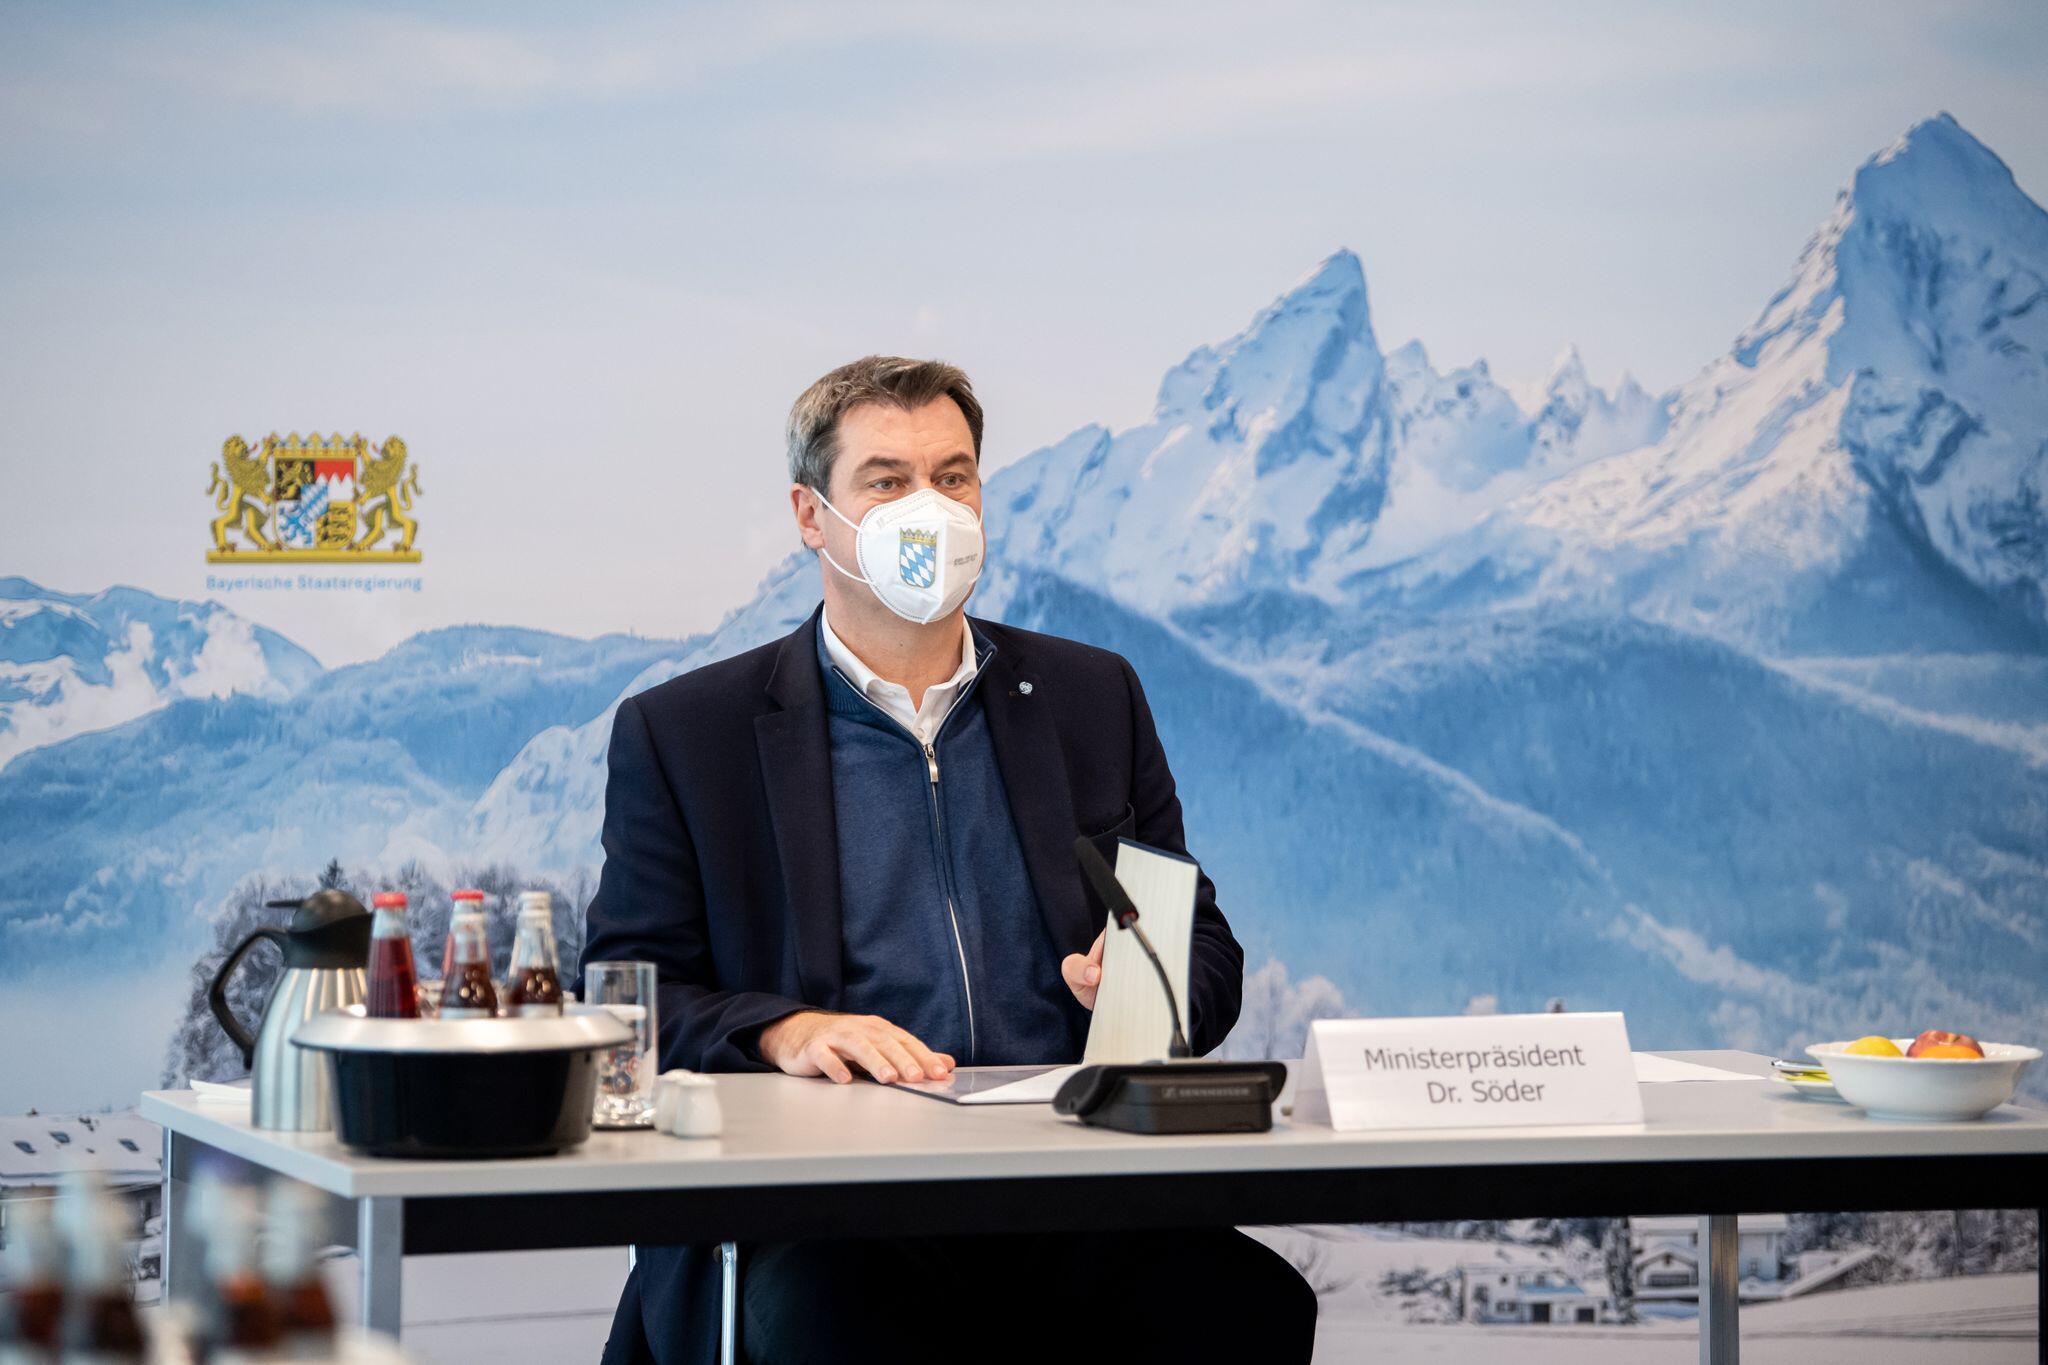 Bild zu Sondersitzung vom Kabinett in München